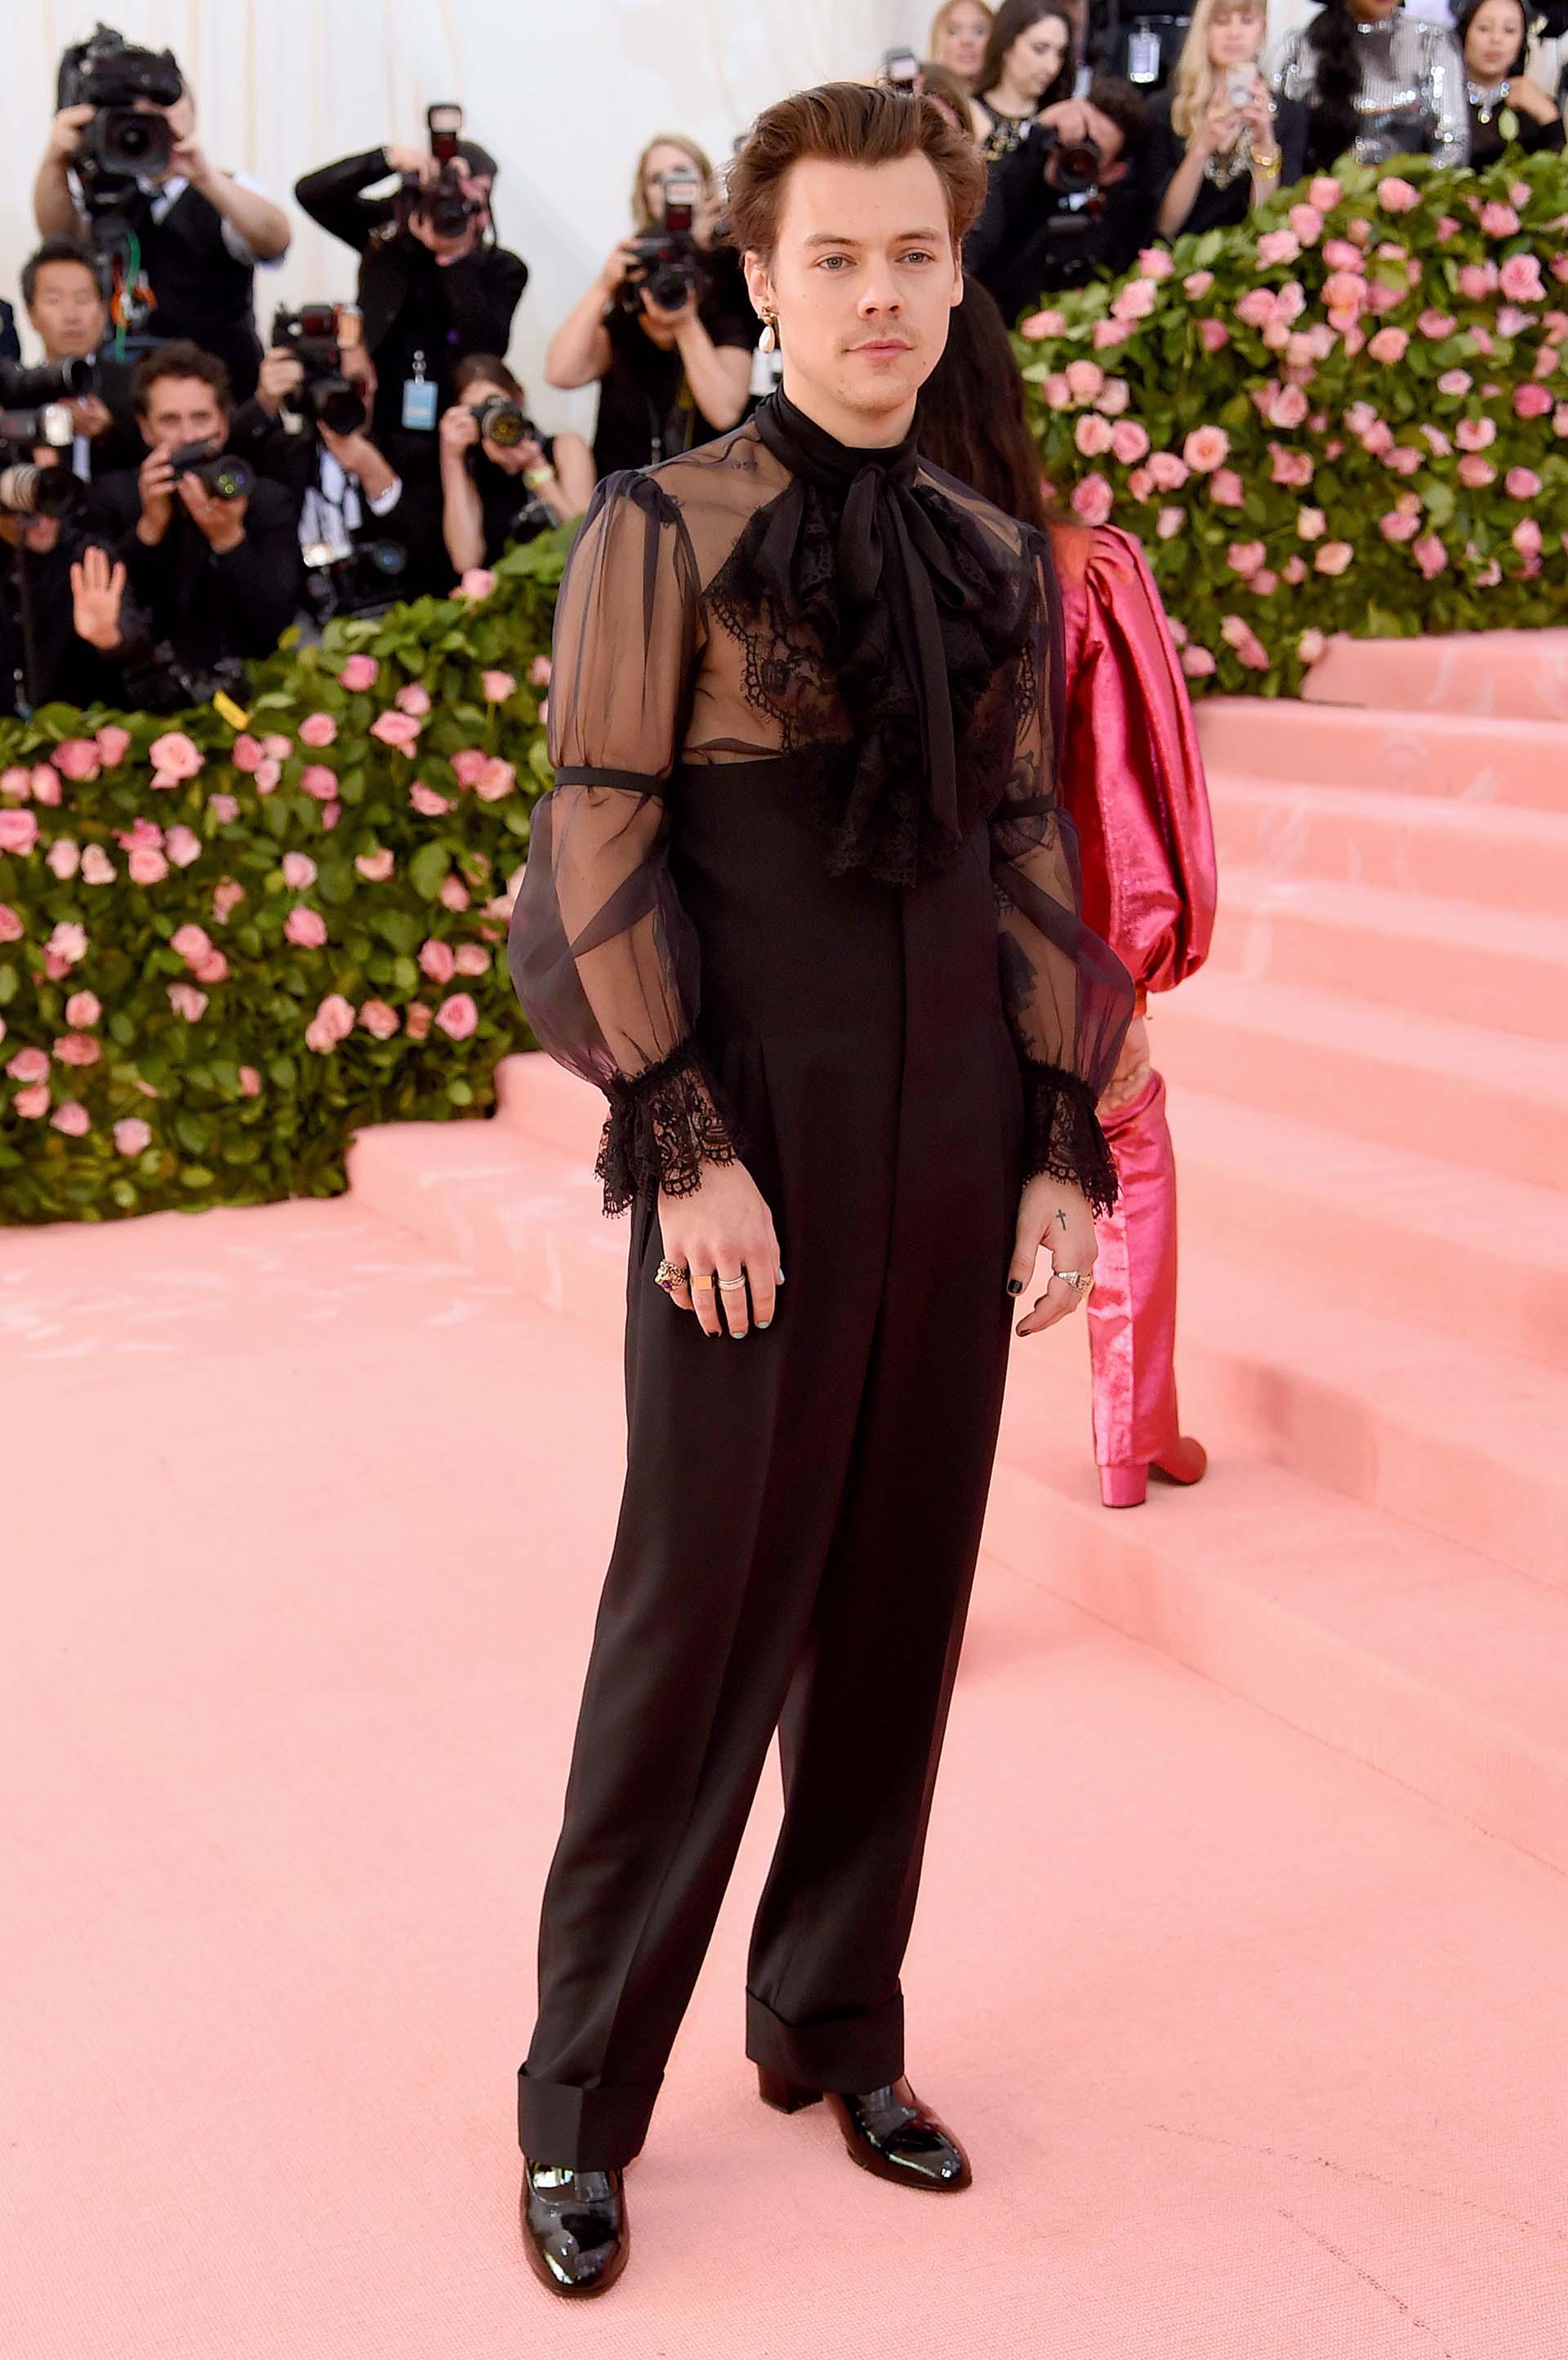 Harry Styles con un total look de Gucci creado por el diseñador Alessandro Michele. Las transparencias, los volados y un aro en la oreja lo convirtieron en el hombre más arriesgado del evento